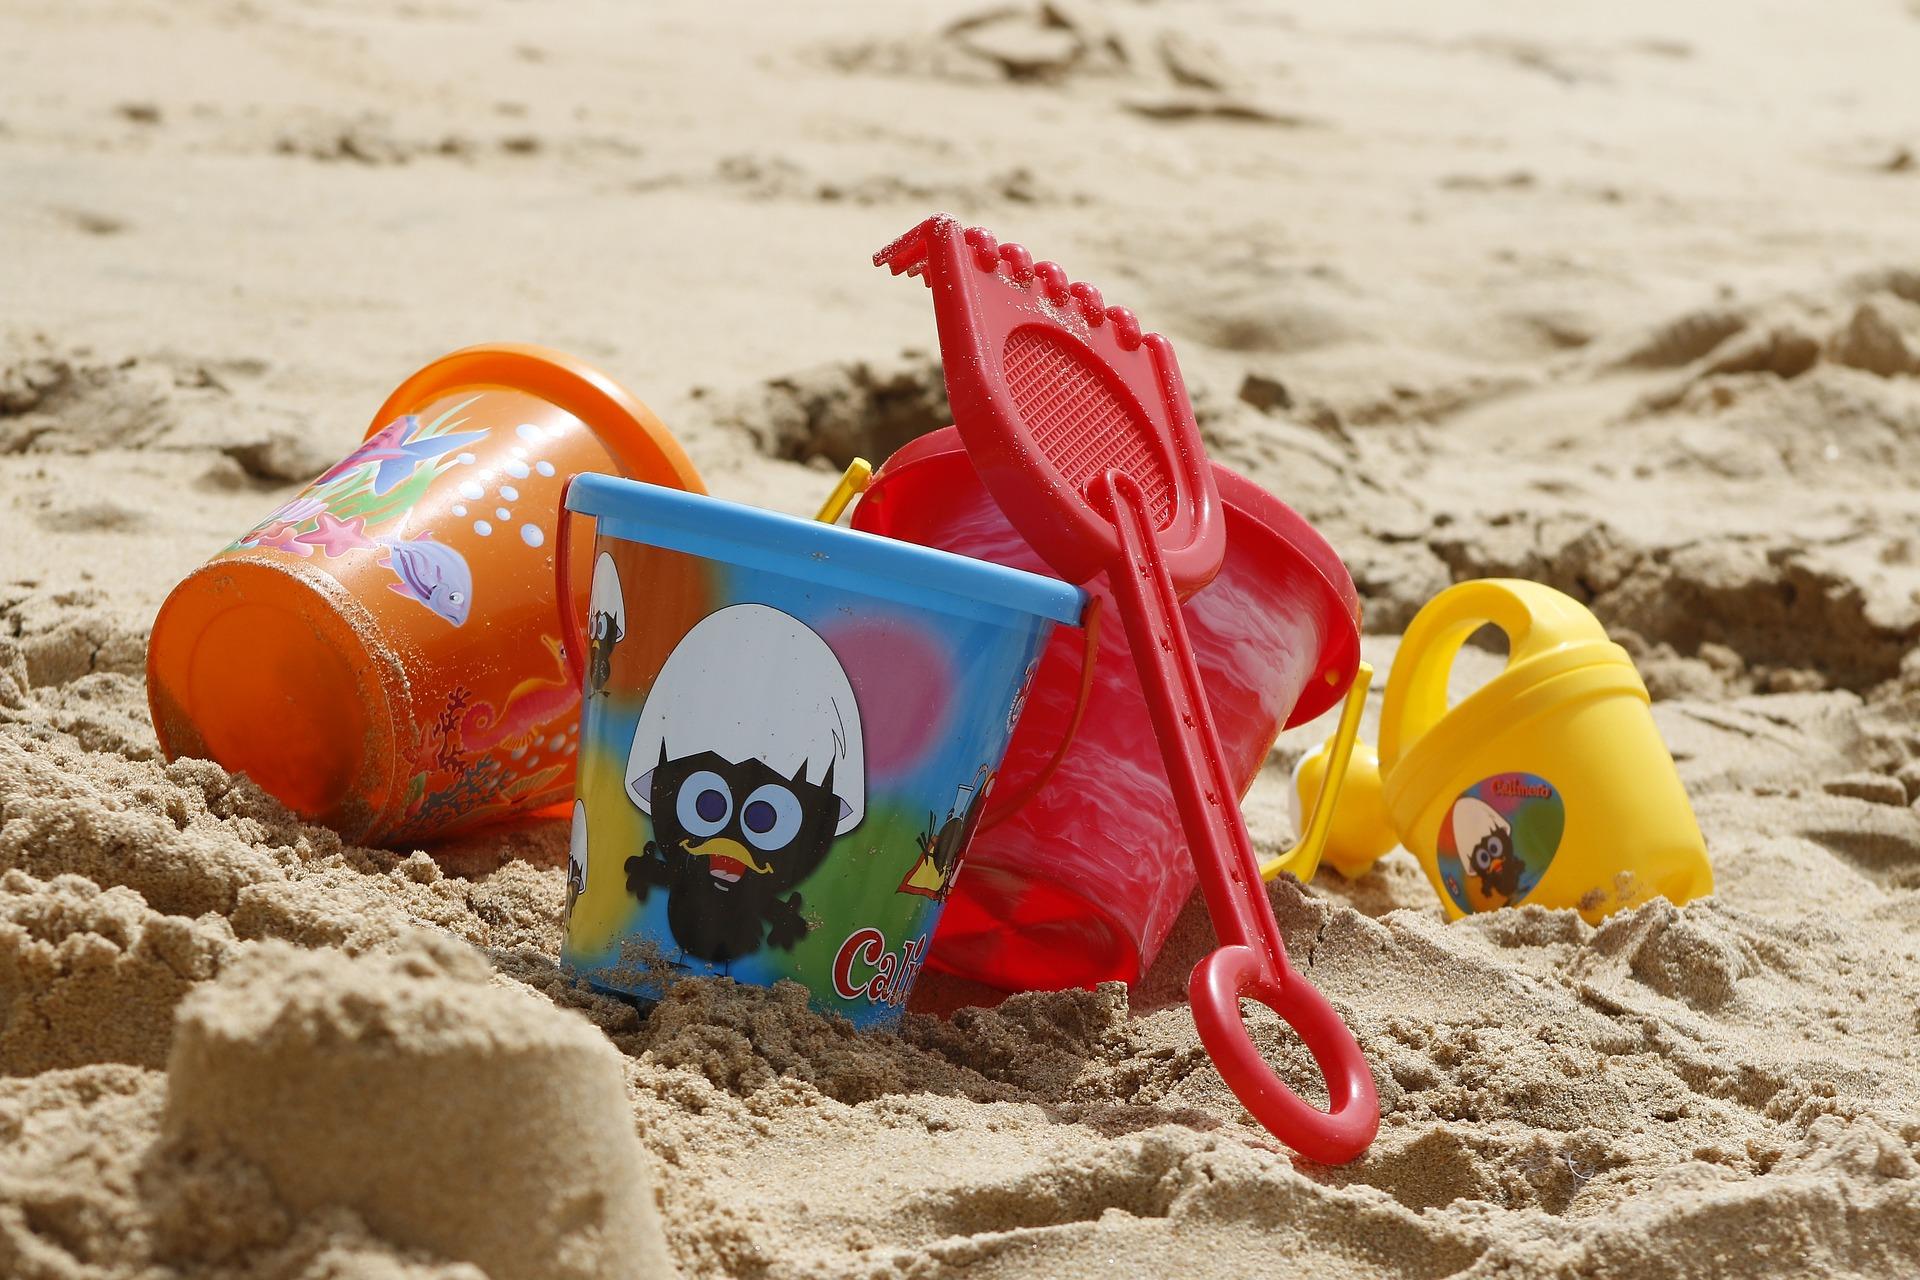 Find legetøj fra kvalitetsmærker som DANTOY og Ecobuds hos Legebyen.dk